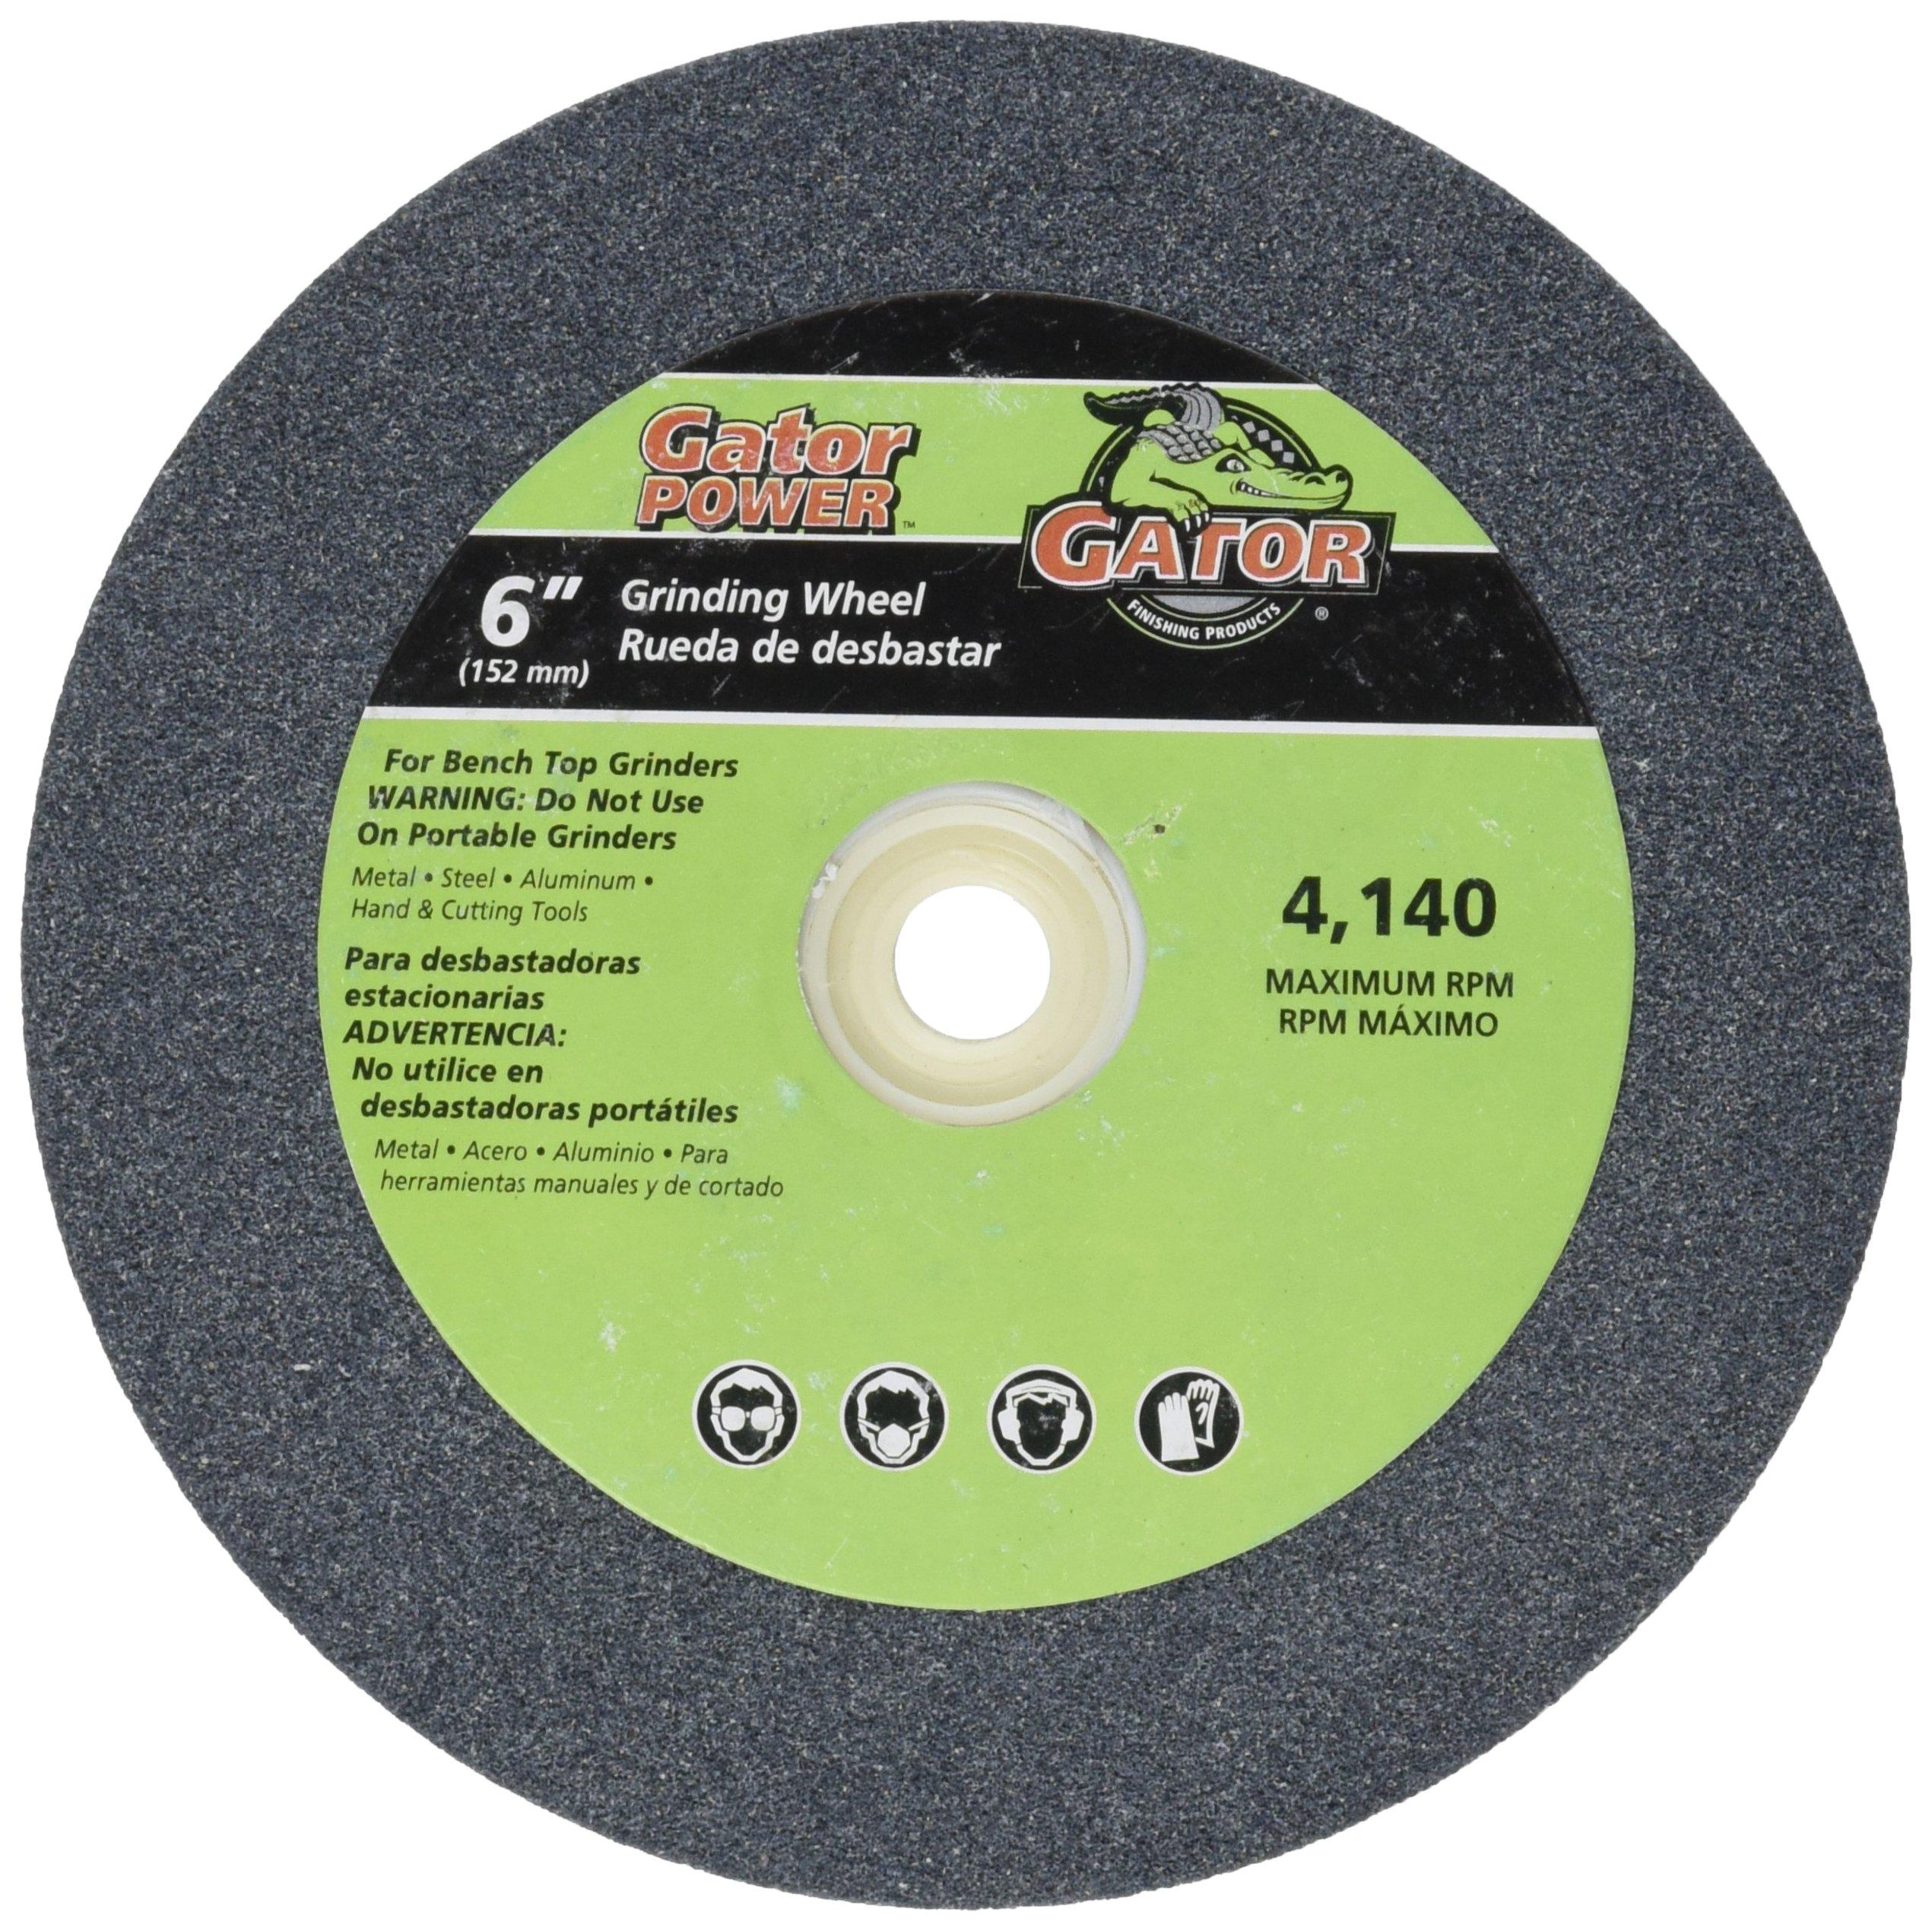 ALI INDUSTRIES 6011 Medium Grind Wheel, 6-Inch x 3/4-Inch x 1-Inch